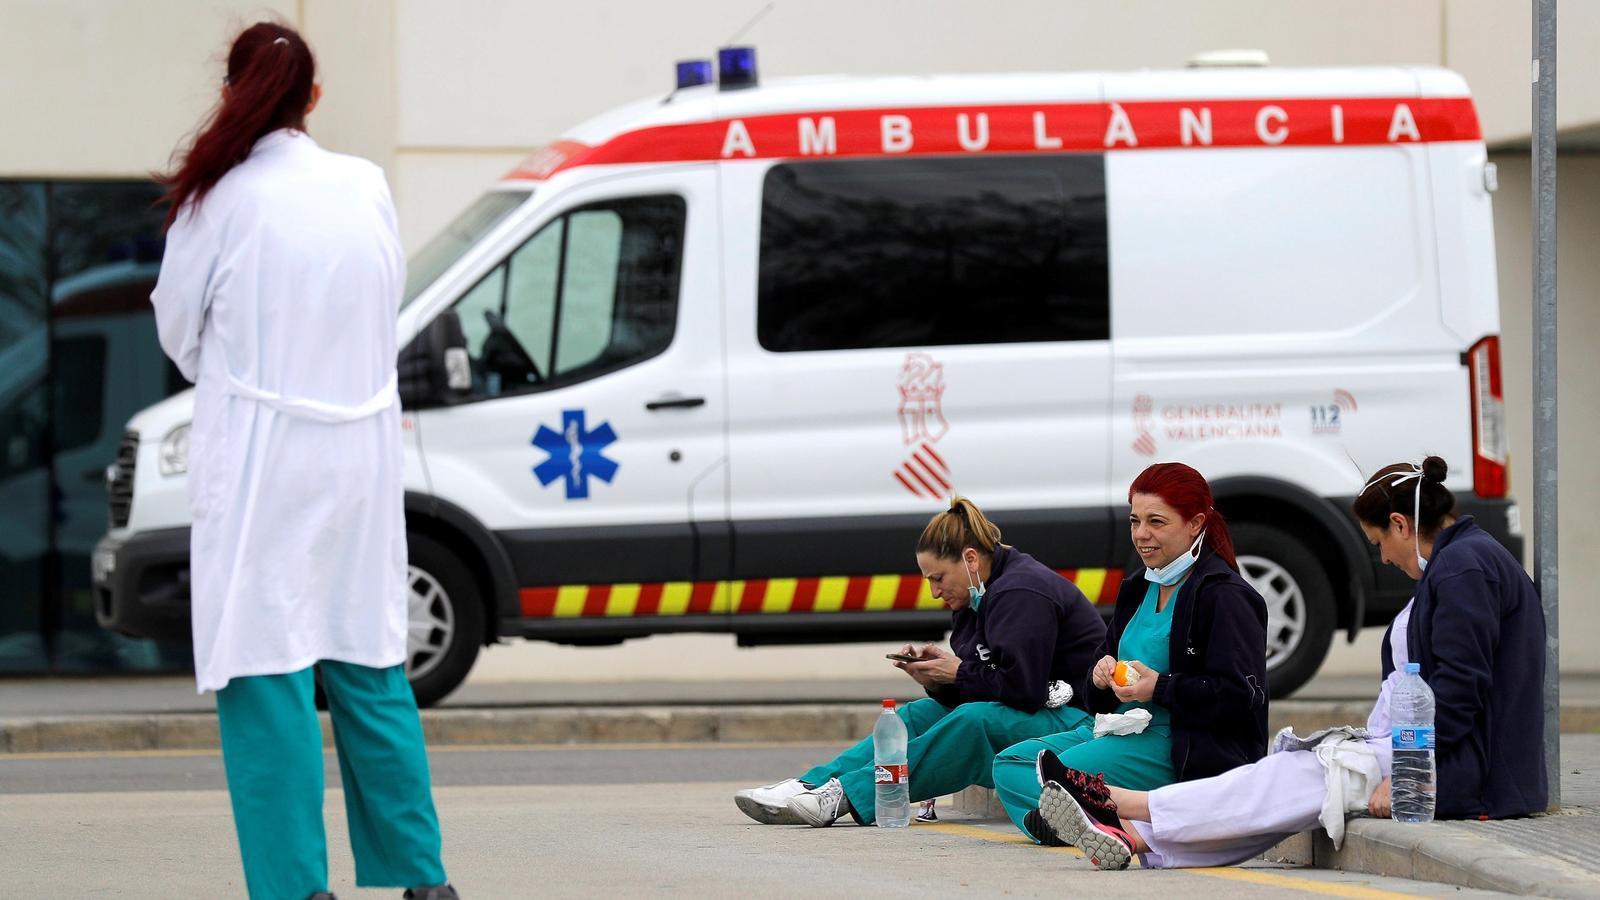 Diverses treballadores de la conselleria de Sanitat Universal i Salut Pública del govern valencià durant un descans